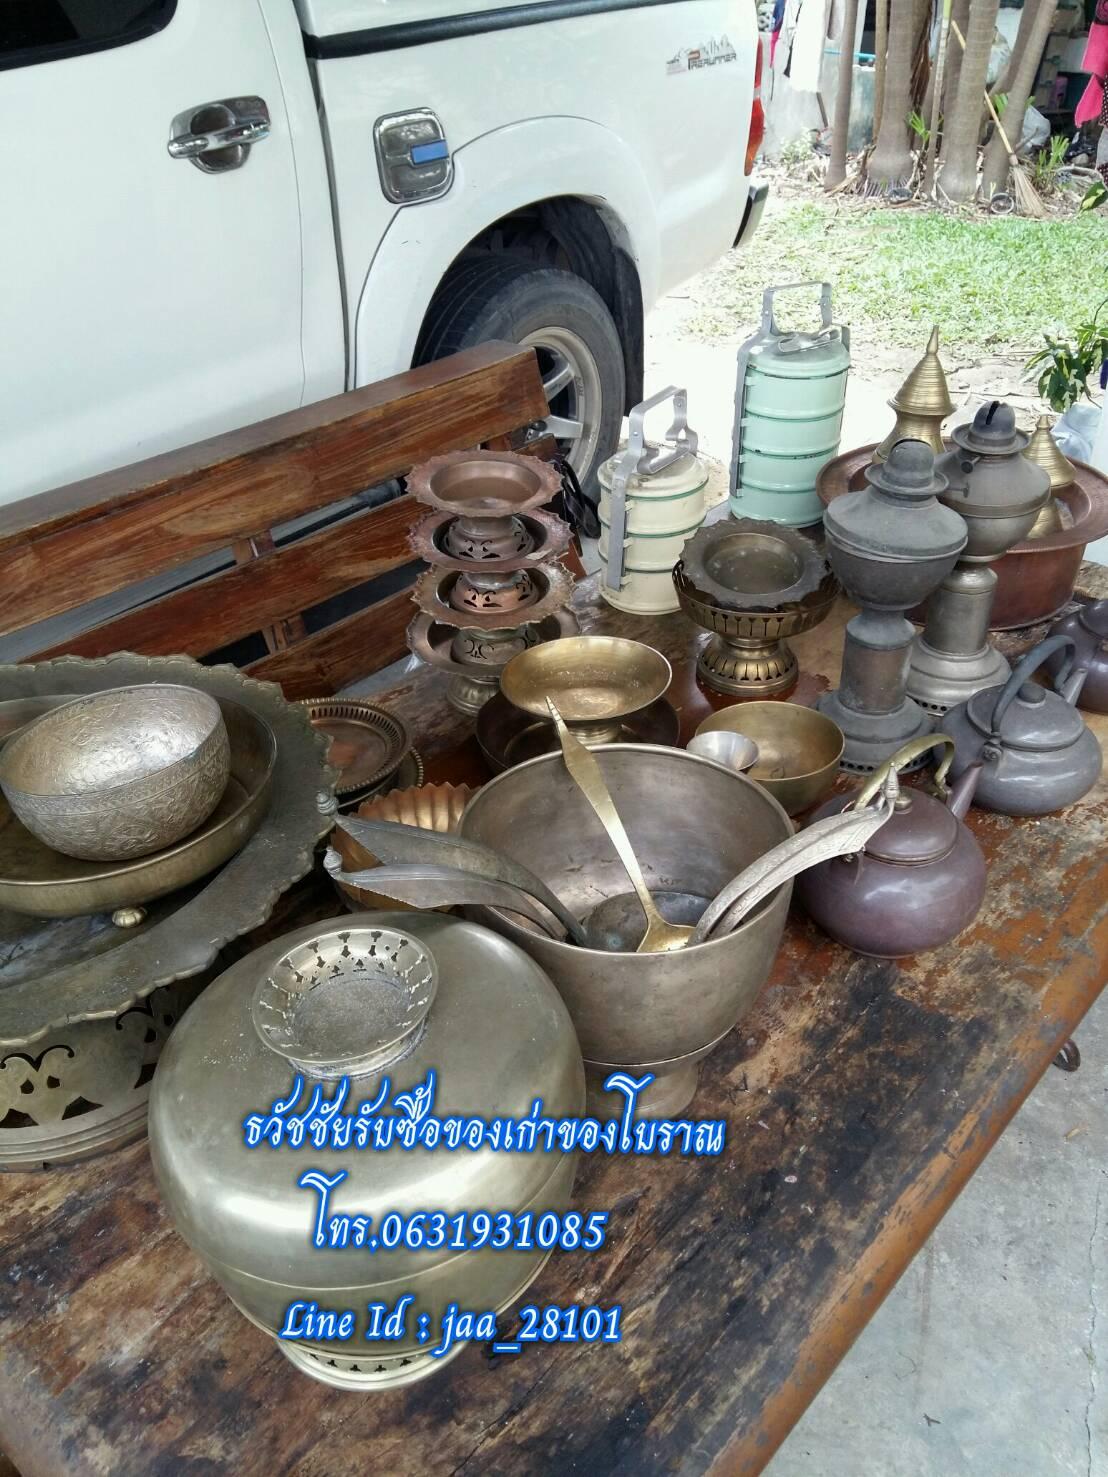 รับซื้องานทองเหลืองเก่า รับซื้อของโบราณ รับซื้อของสะสมเก่า รับซื้อของใช้เก่า รับซื้อเครื่องเงินเก่า